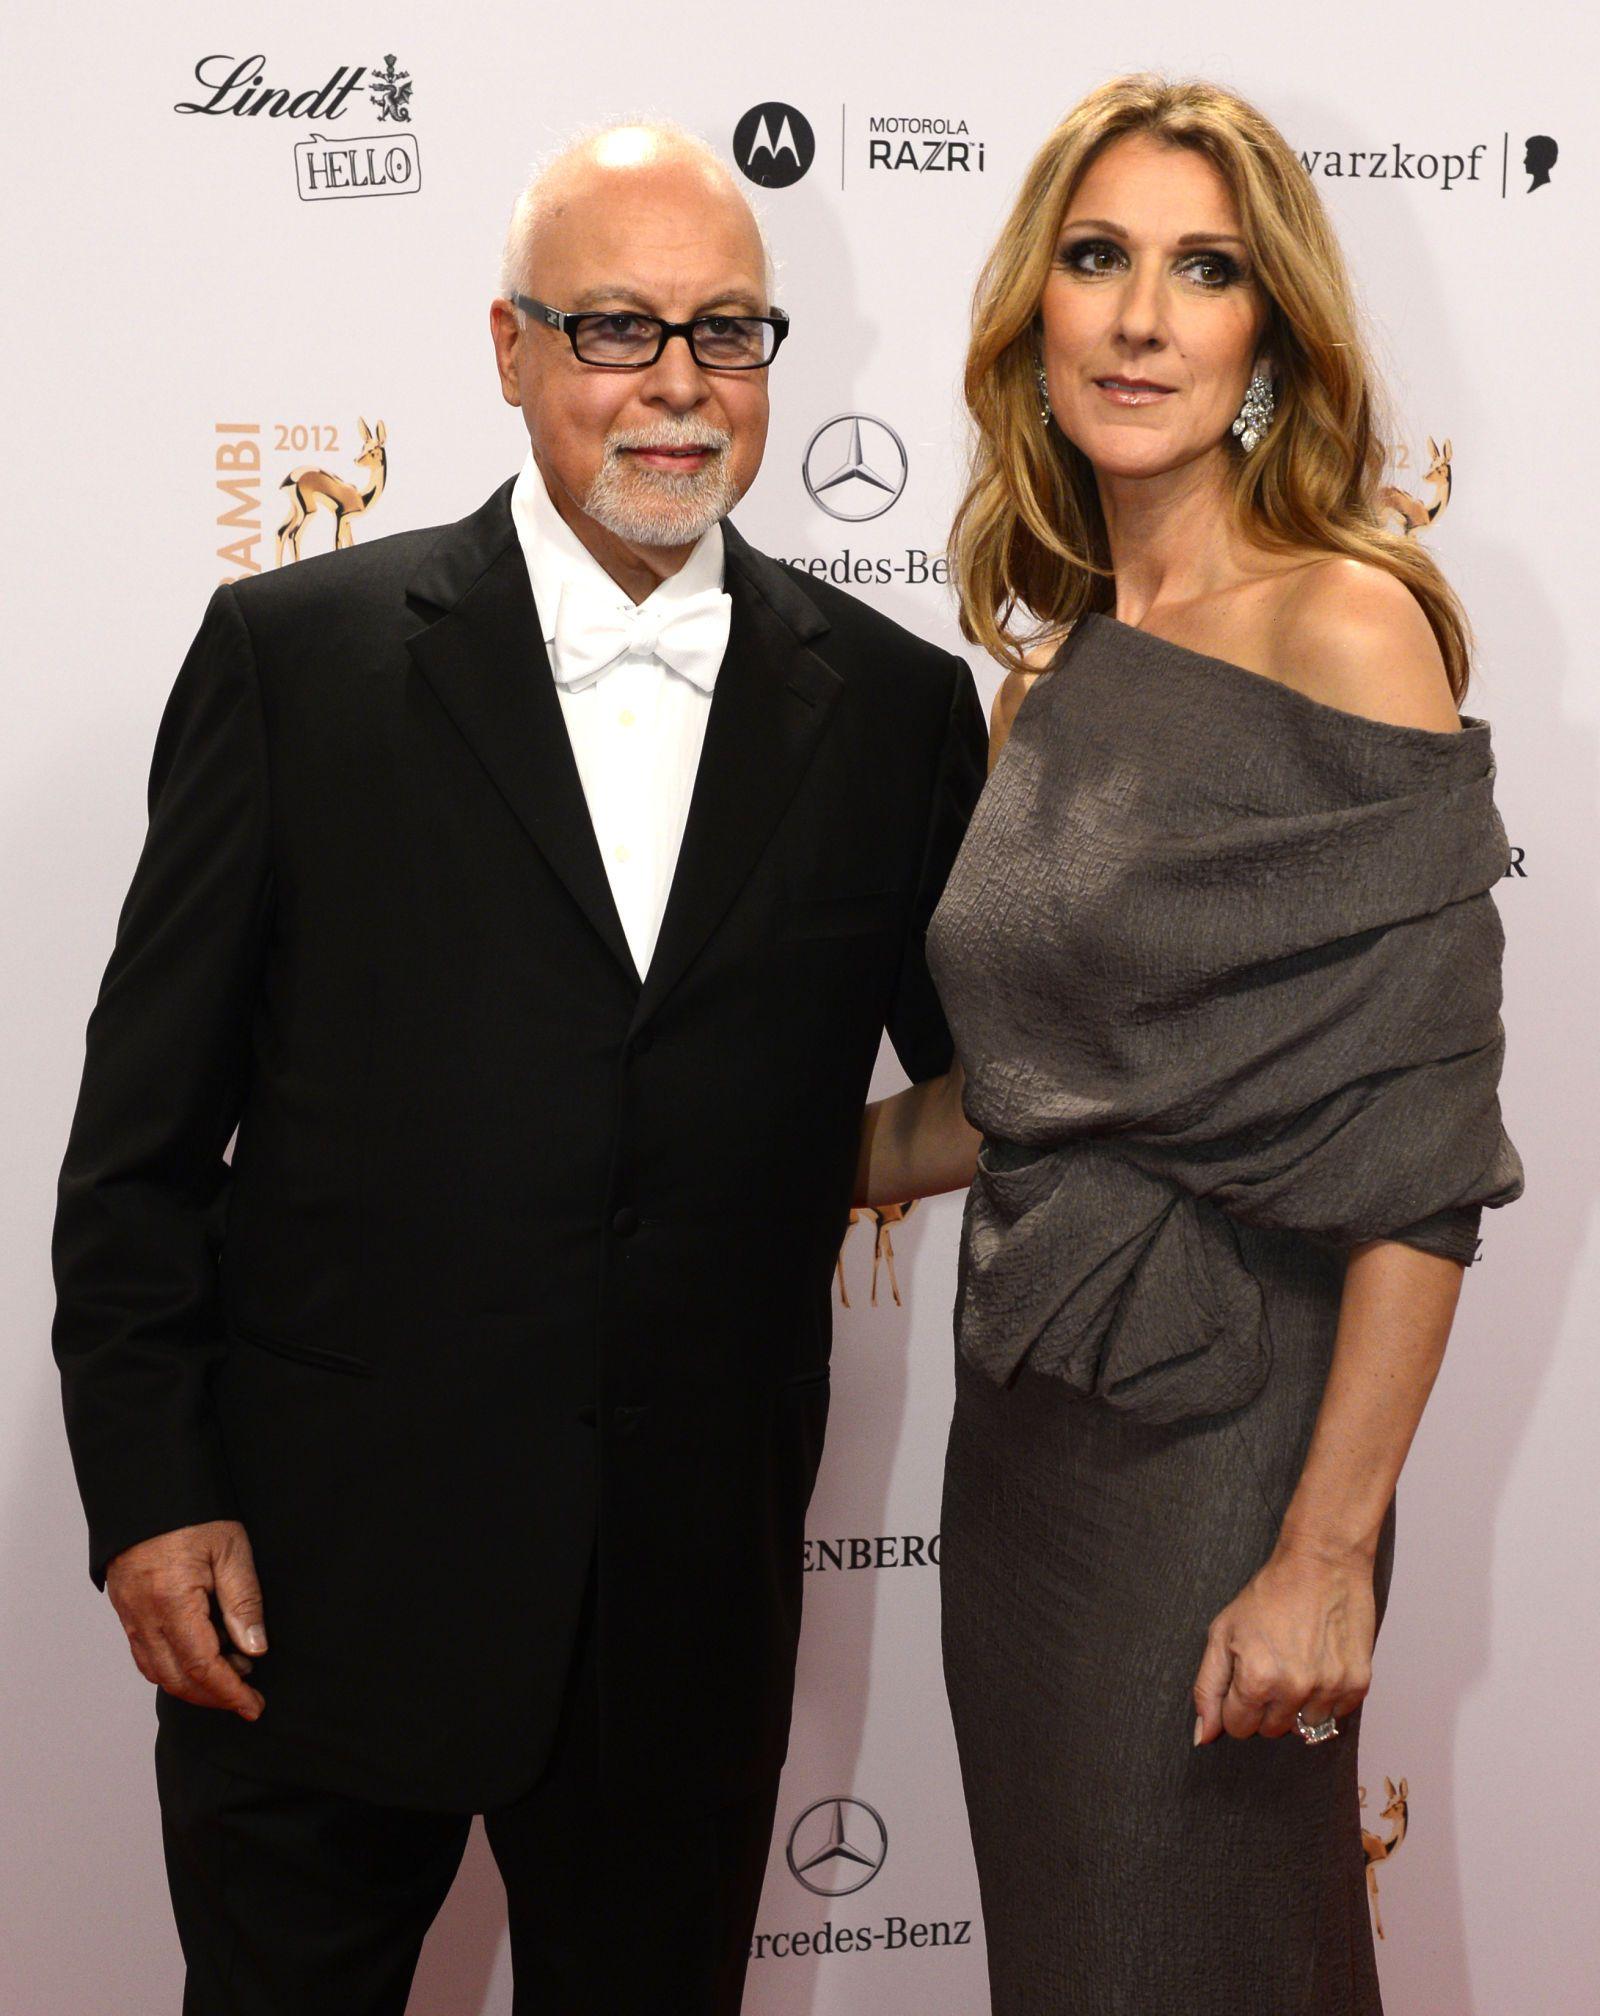 How Celine Dion Is Preparing For What Could Be Her Husband S Last Christmas Celine Dion Celine Celine Dion Husband